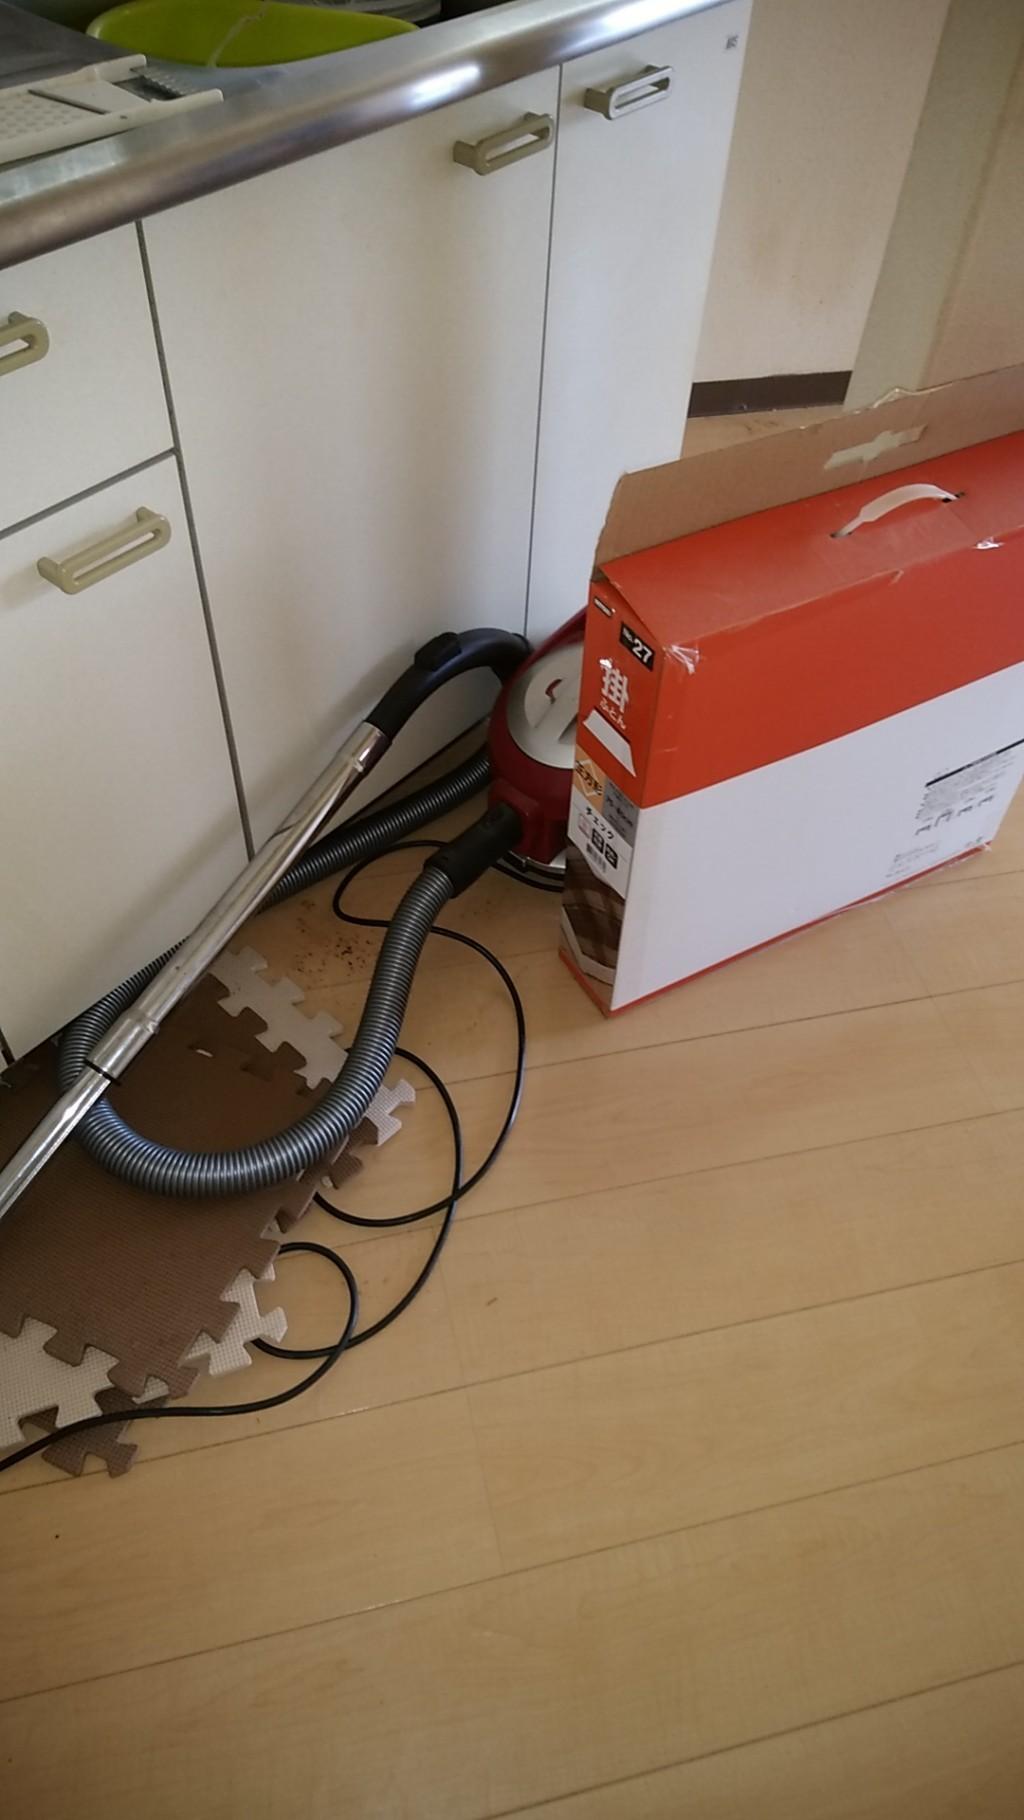 【高知市薊野北町】家具・家電の回収☆処分品の増減にすぐ対応してくれて助かったとお喜びいただけました!